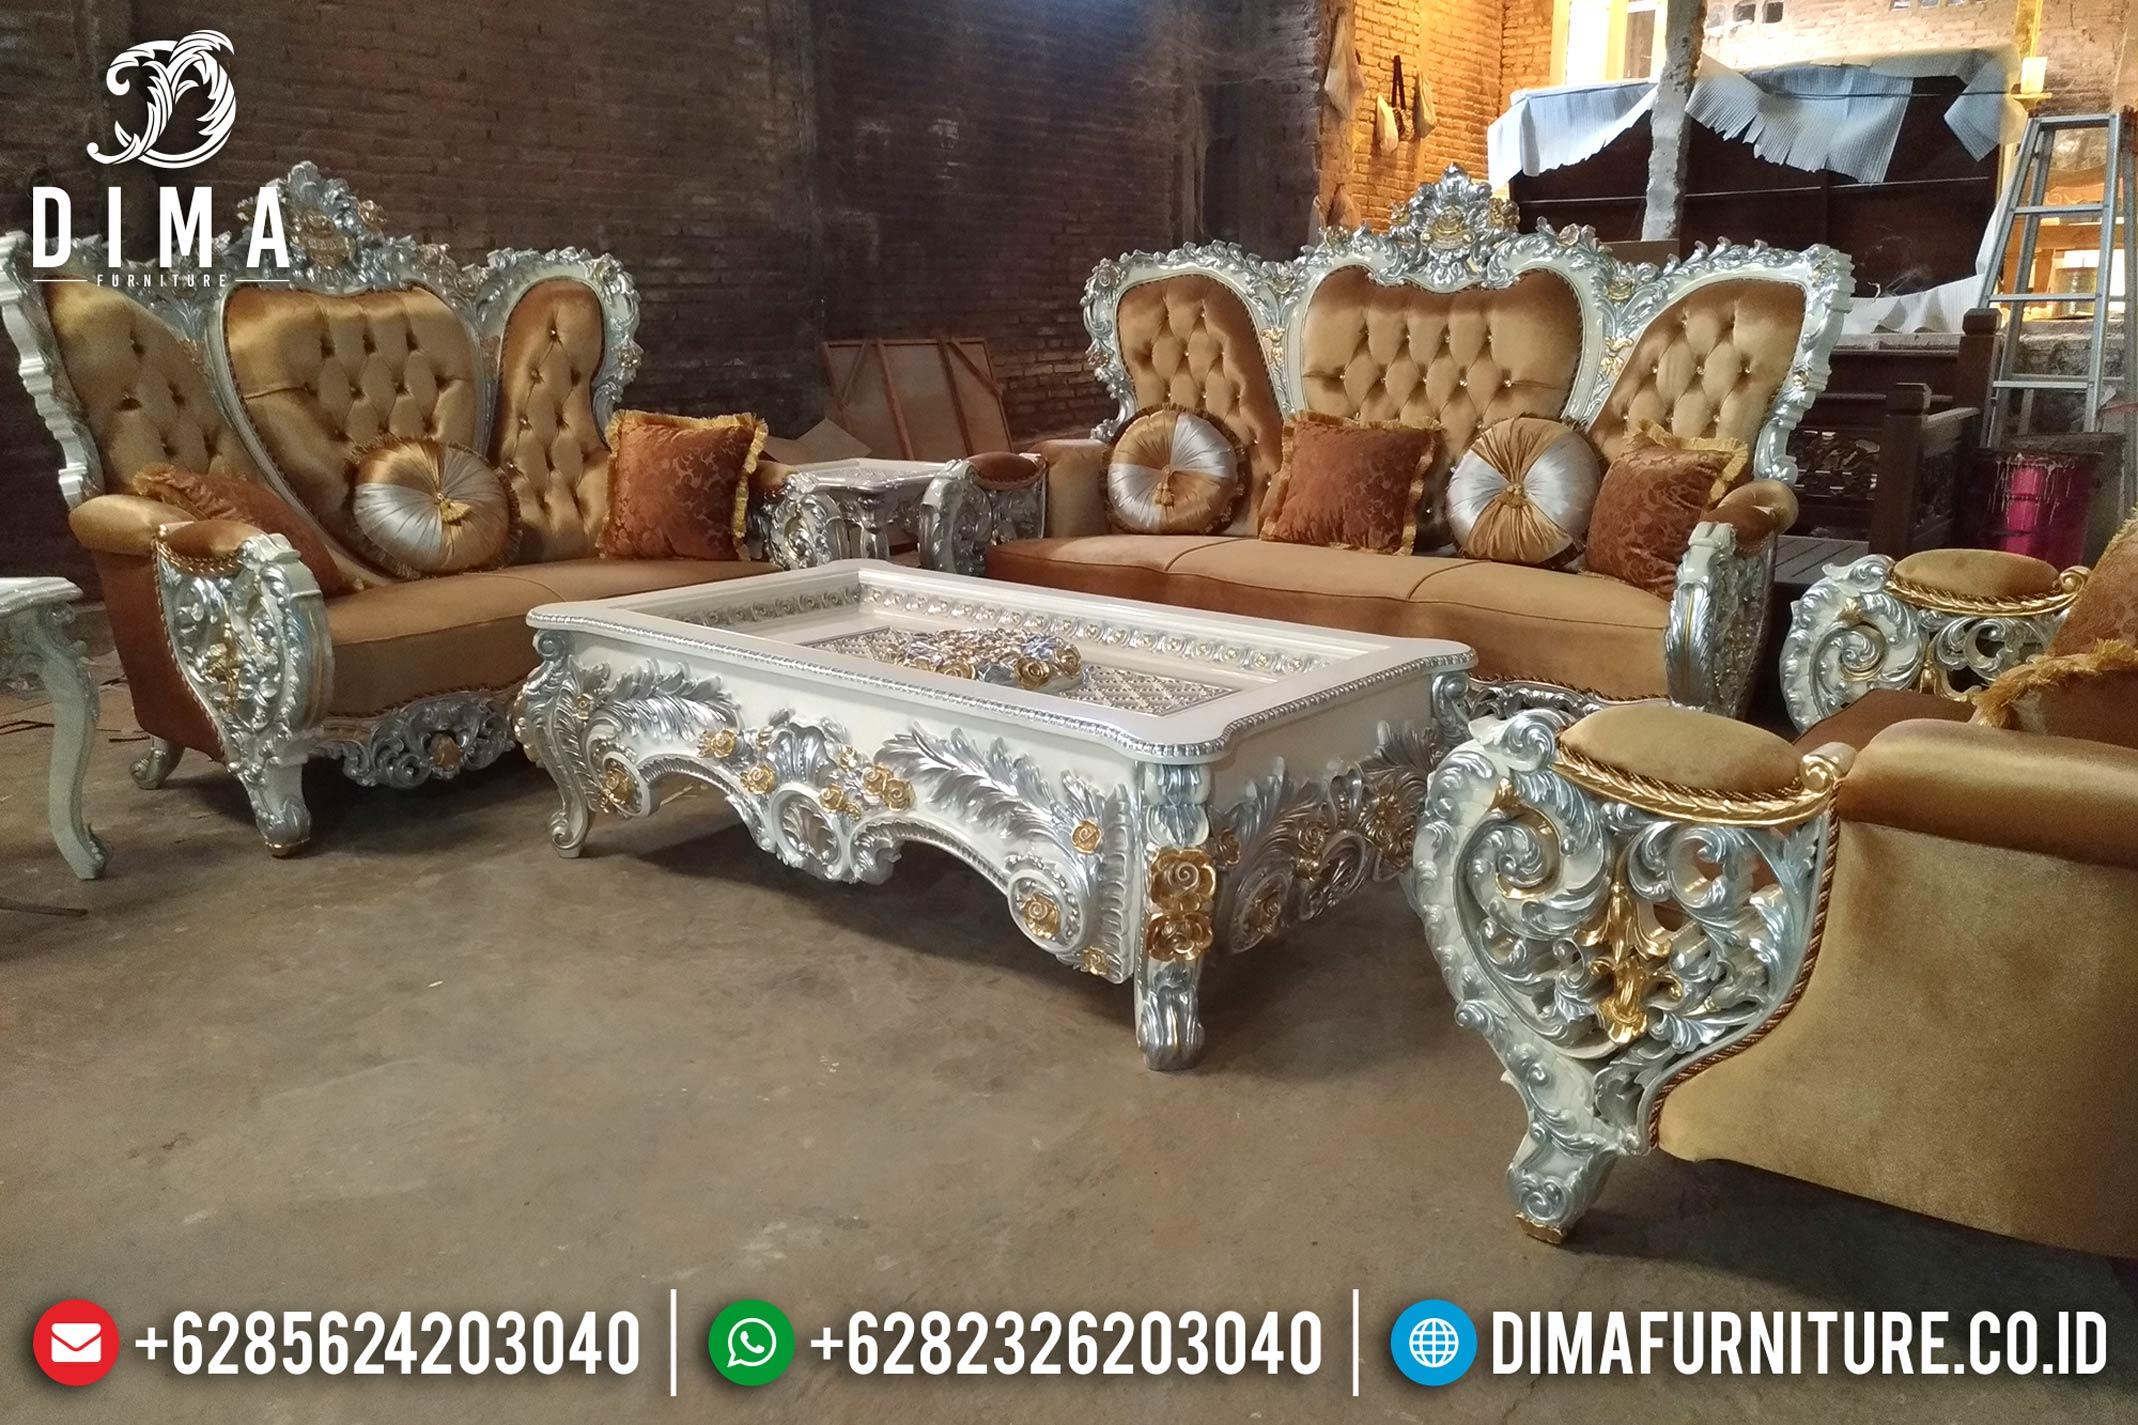 Jual Kursi Sofa Tamu Mewah Bellagio Ukiran Jepara Terbaru Duco Putih Emas DF-0860 Gambar 1